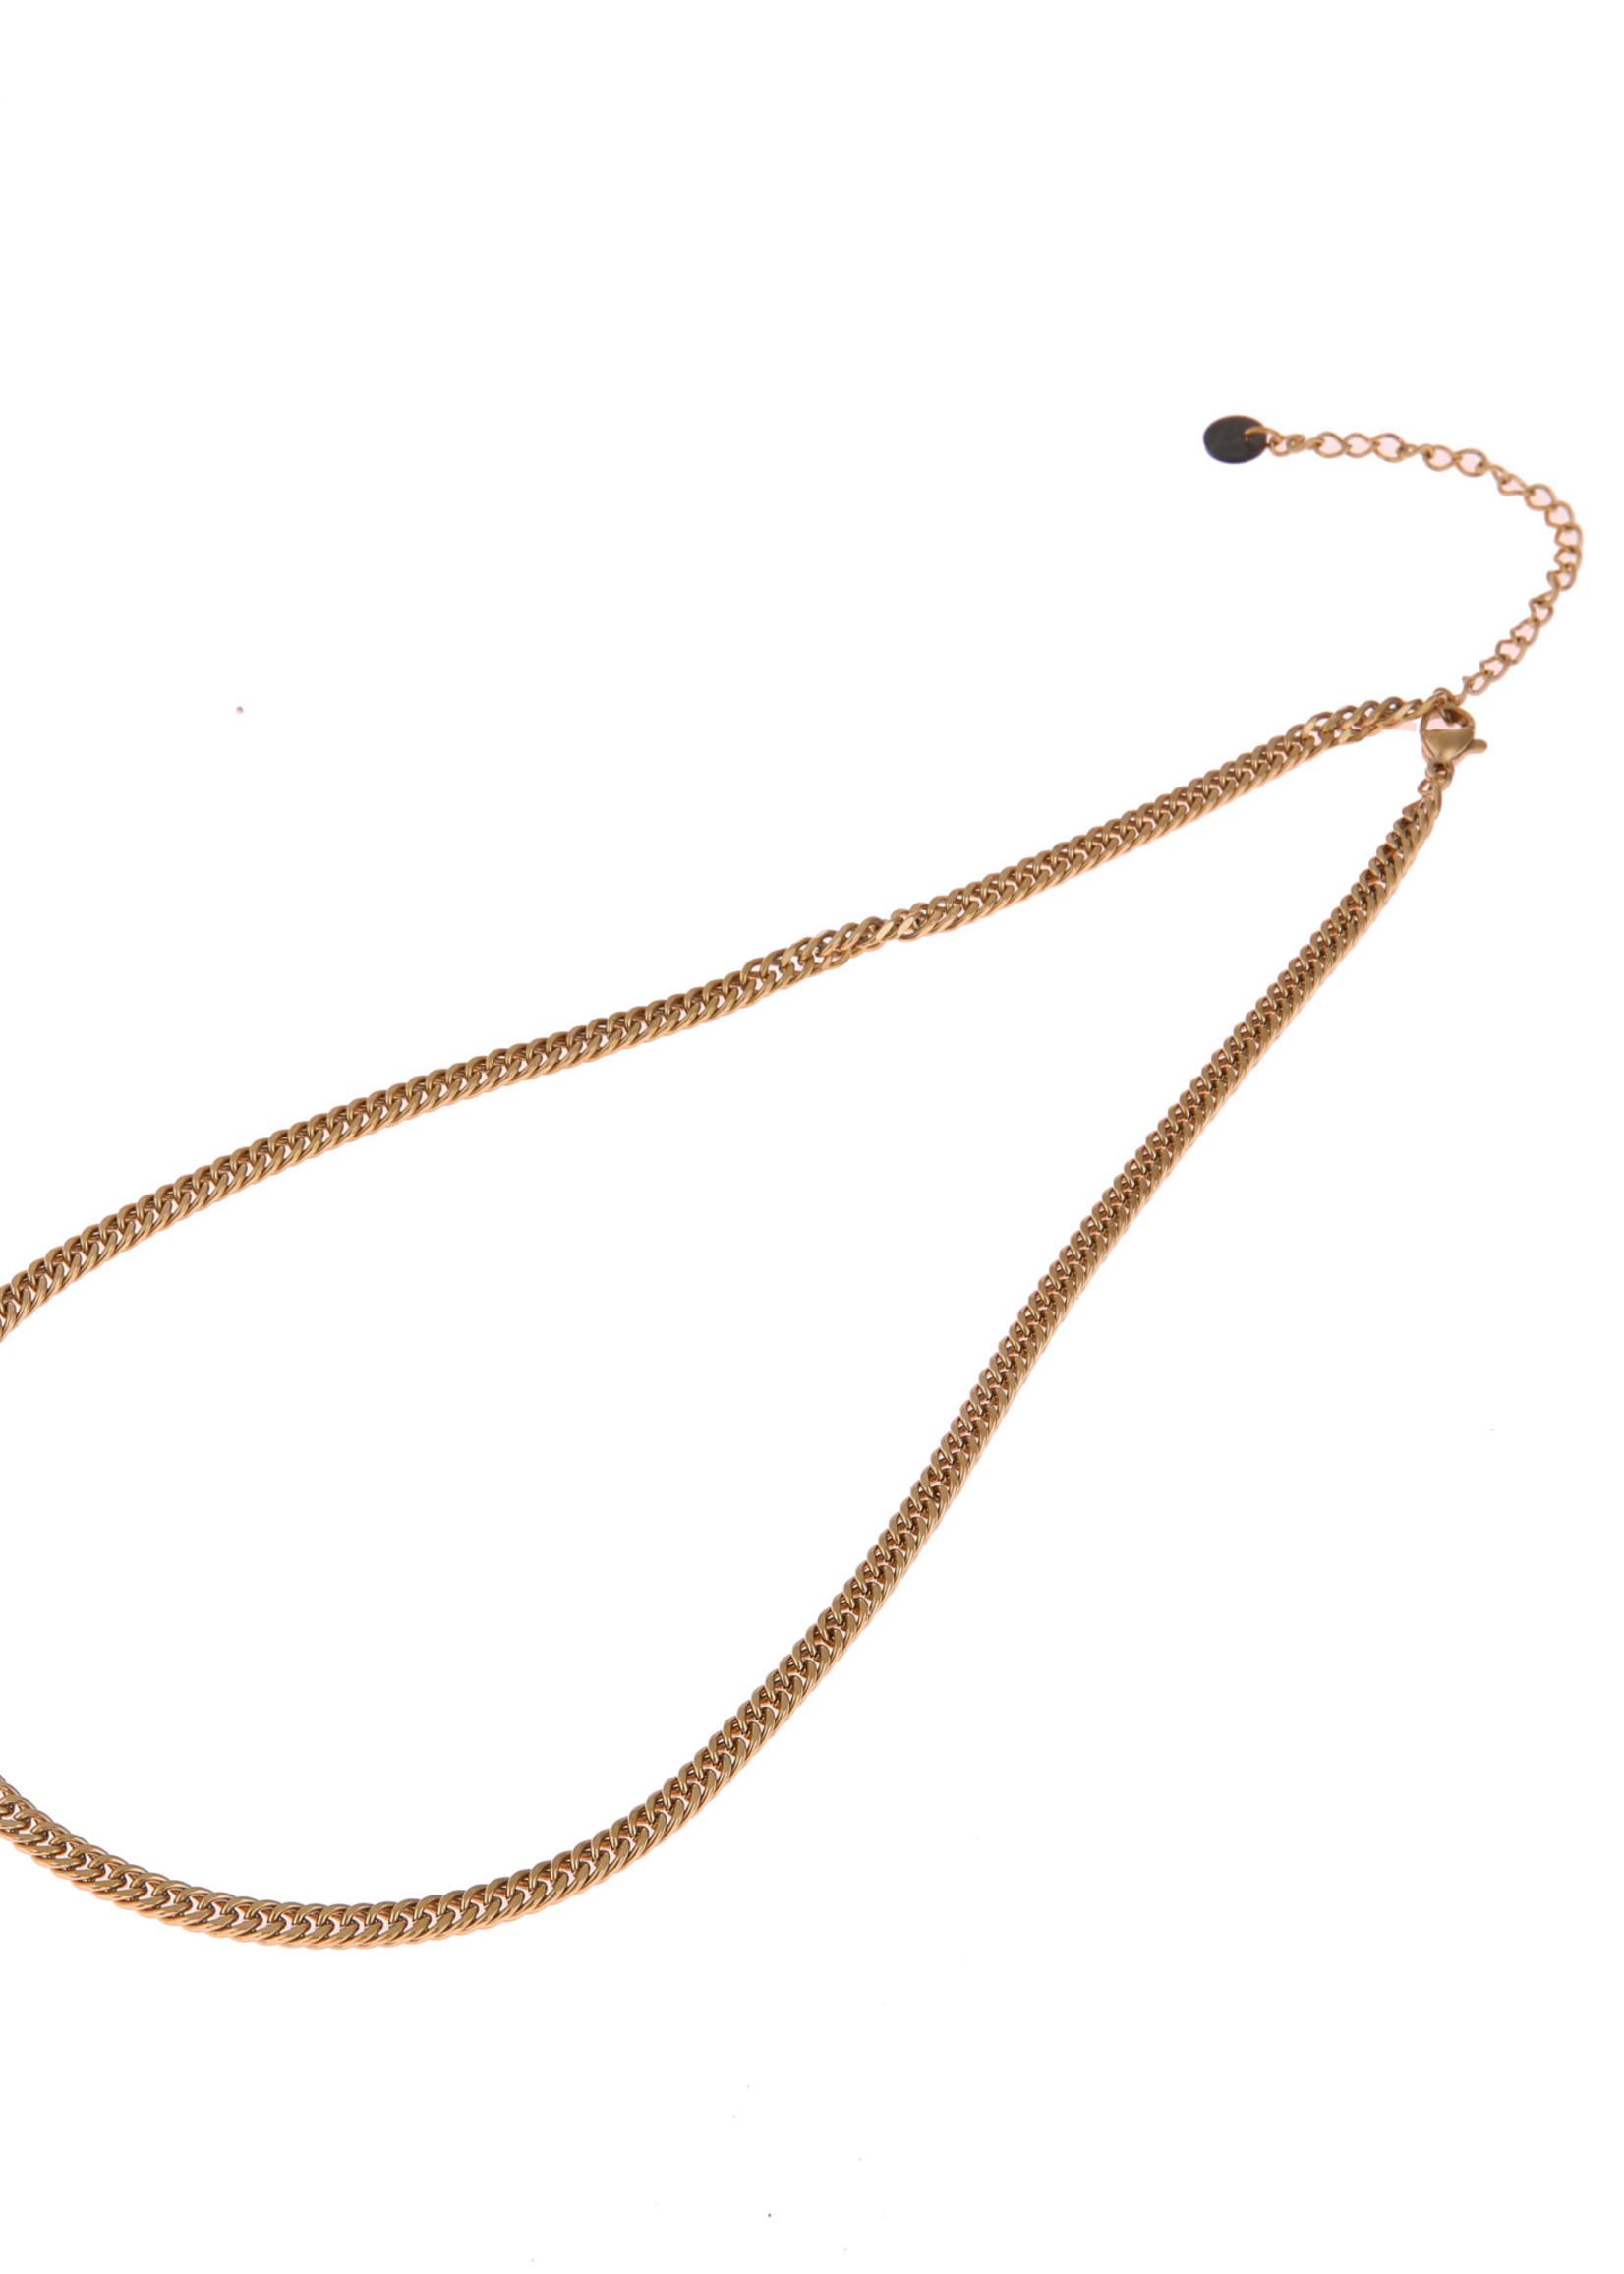 Ketting goud fijne schakel N0888-2